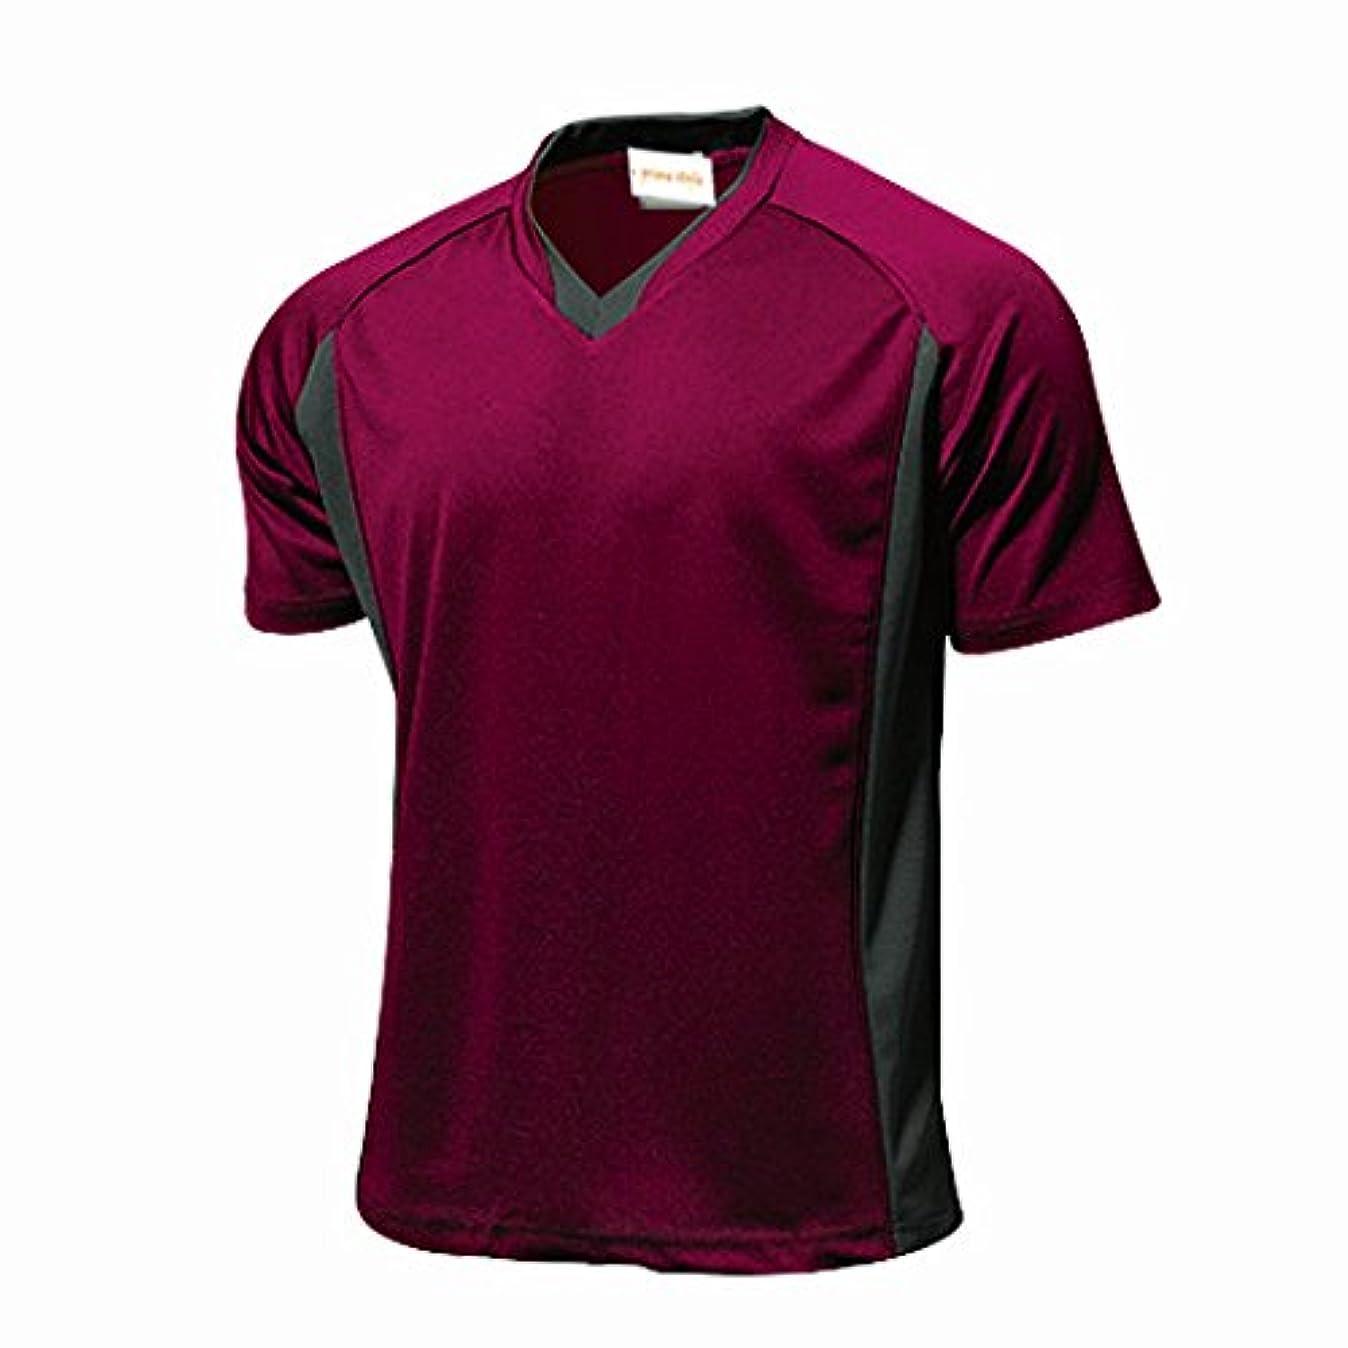 露配置バナナprime style 全11色 ベーシック 半袖 サッカーシャツ 練習着 ユニホームベース フットサルチームシャツ 作製ベース用にも